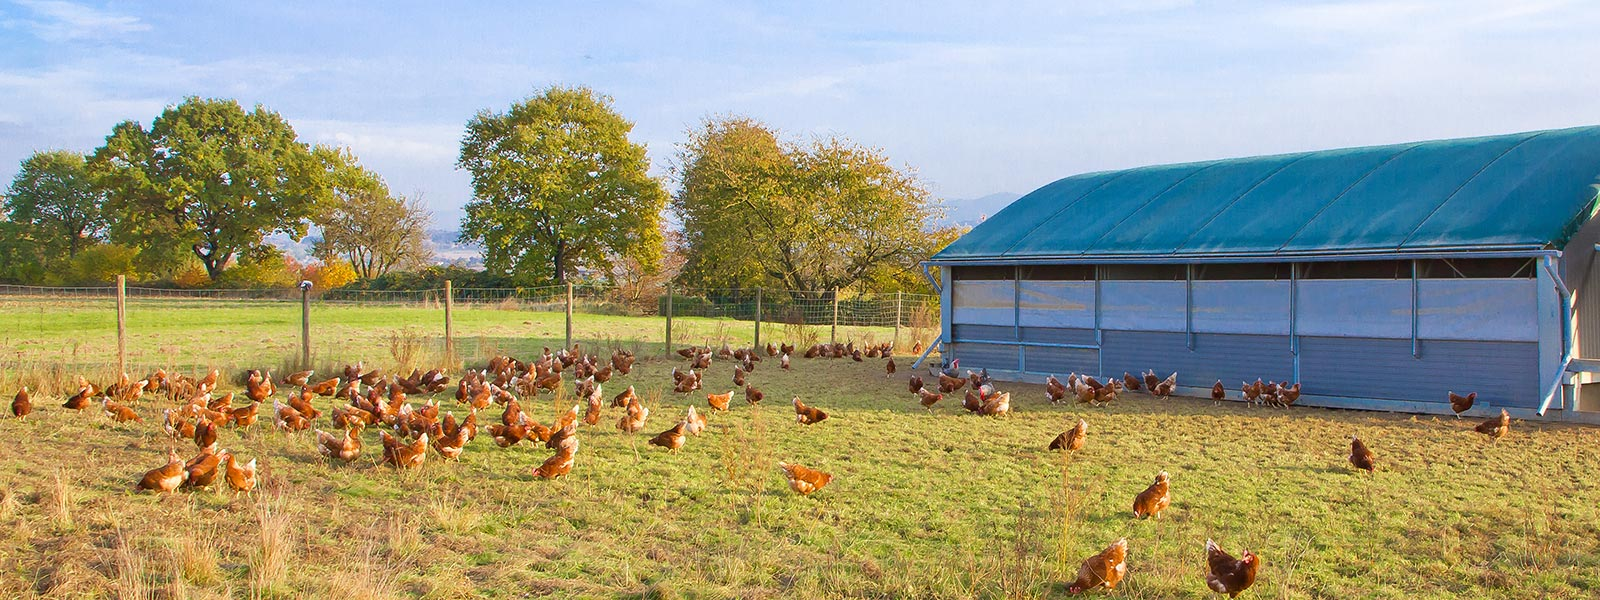 Haltung und Fütterung von Hühnern